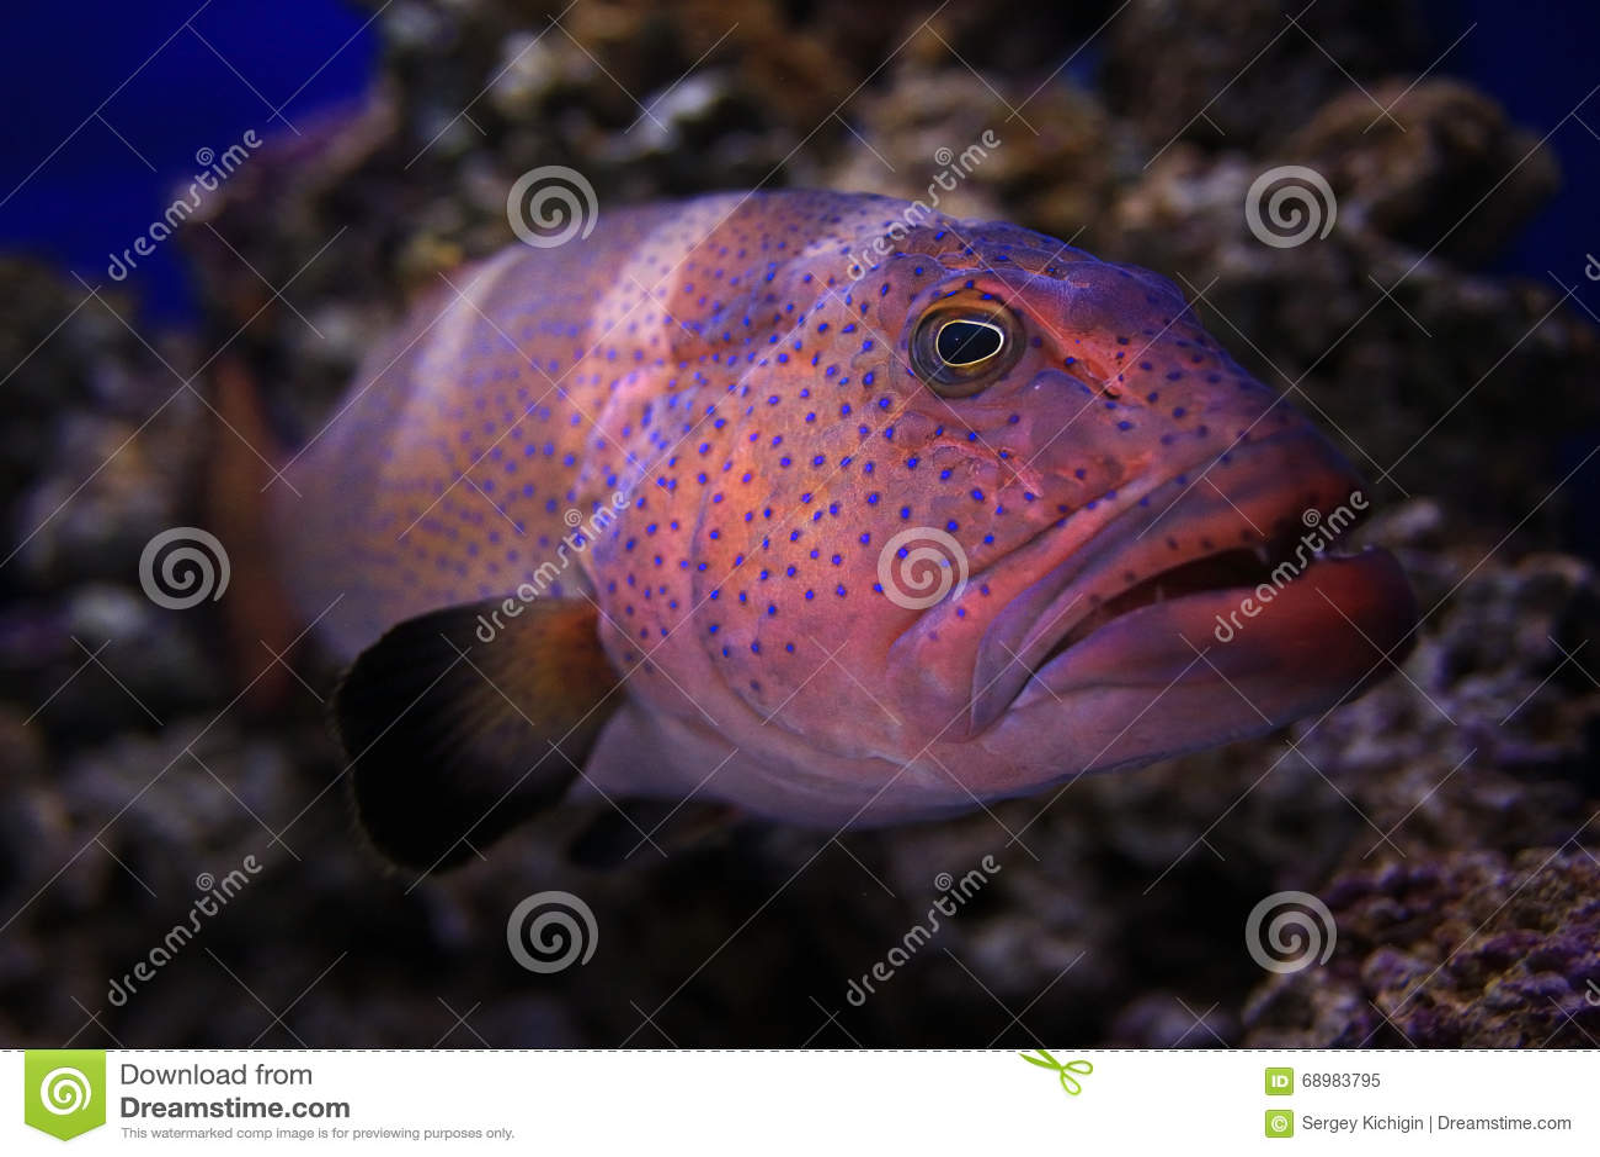 Foto subacuática del mero